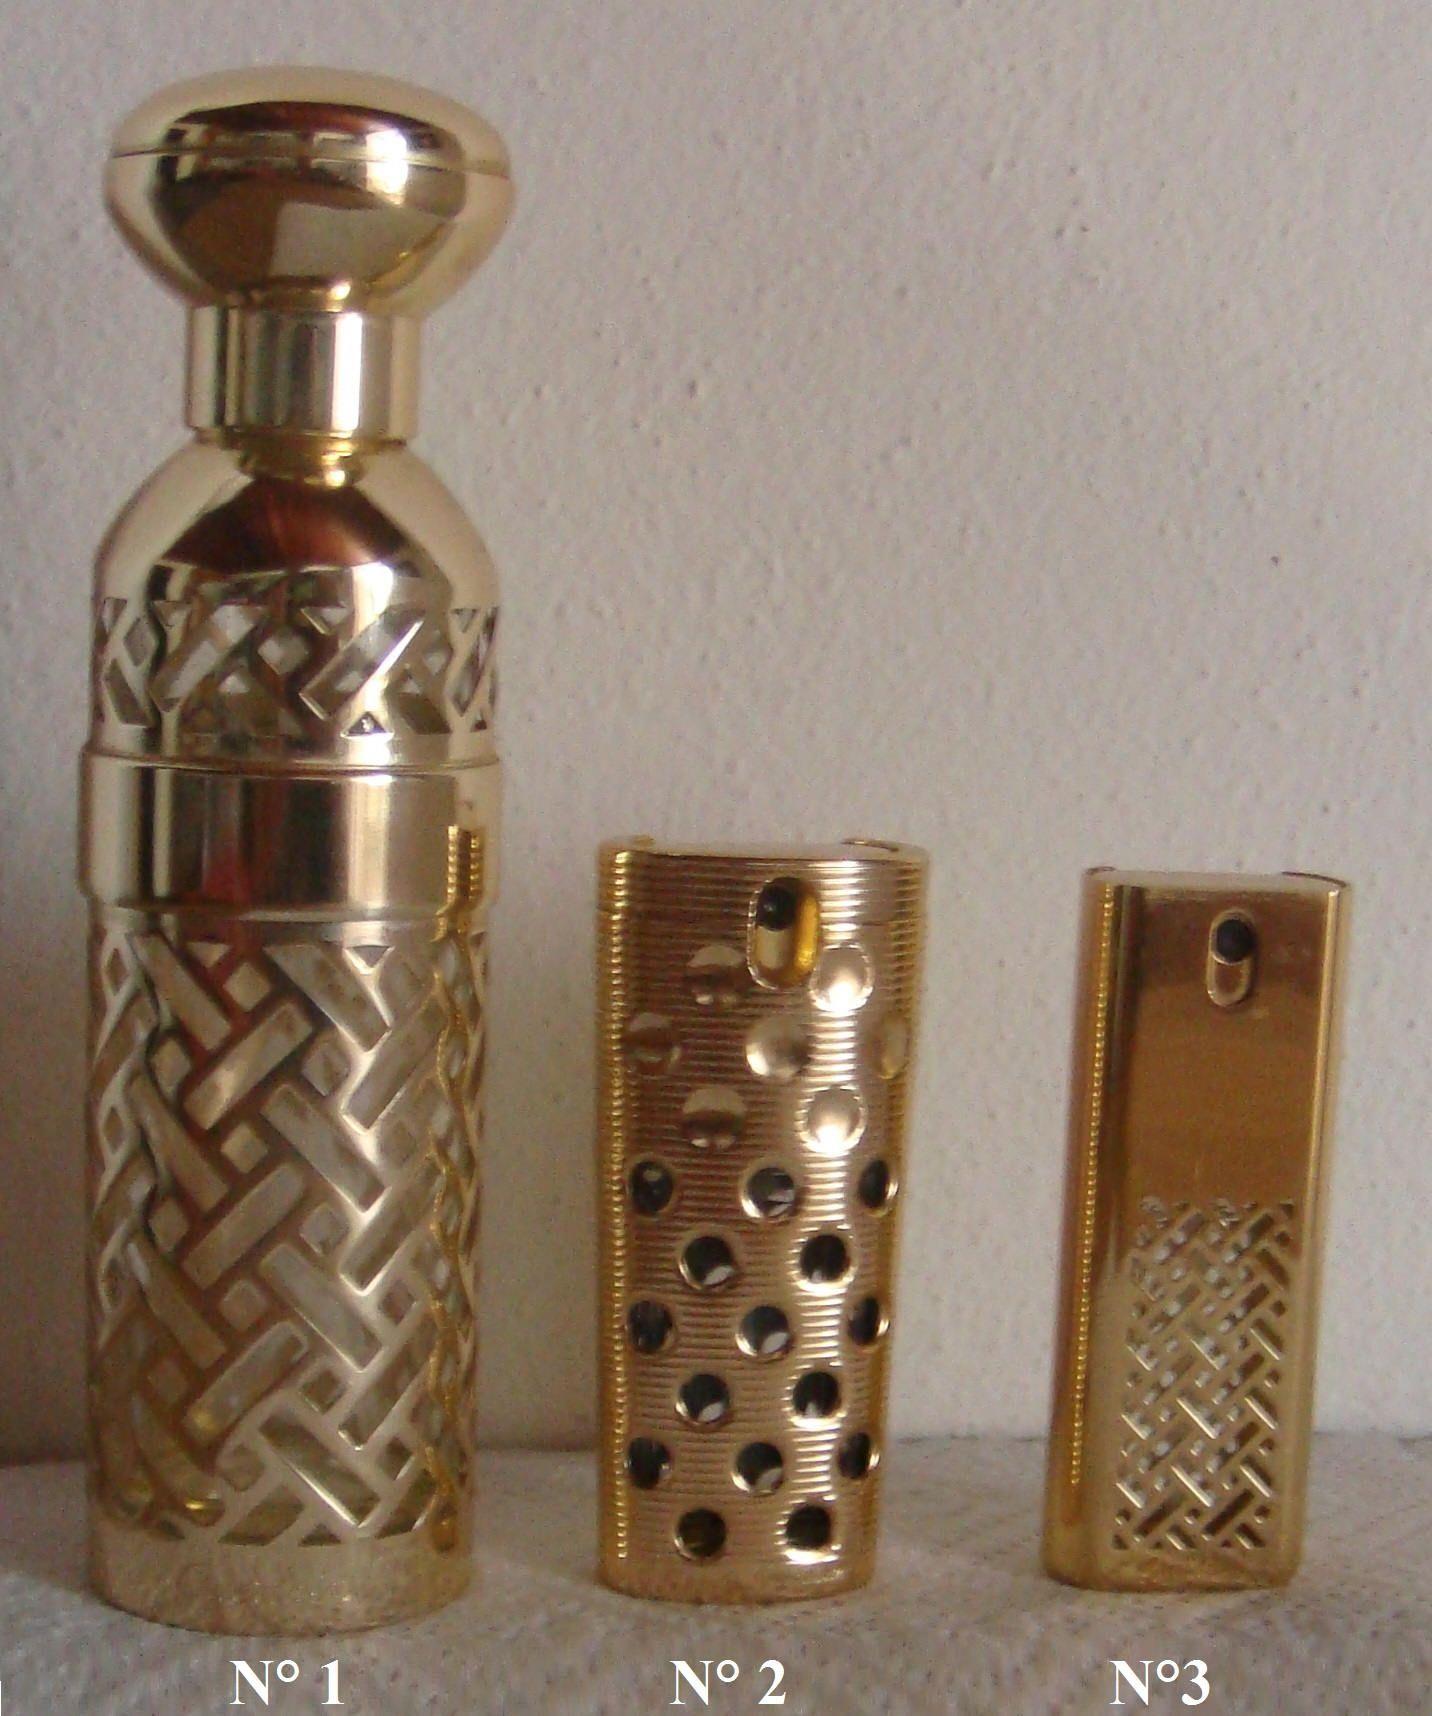 Vaporisateurs Eau 3 Flacons Lot Parfum Et De Guerlain Toilette CBodxWre